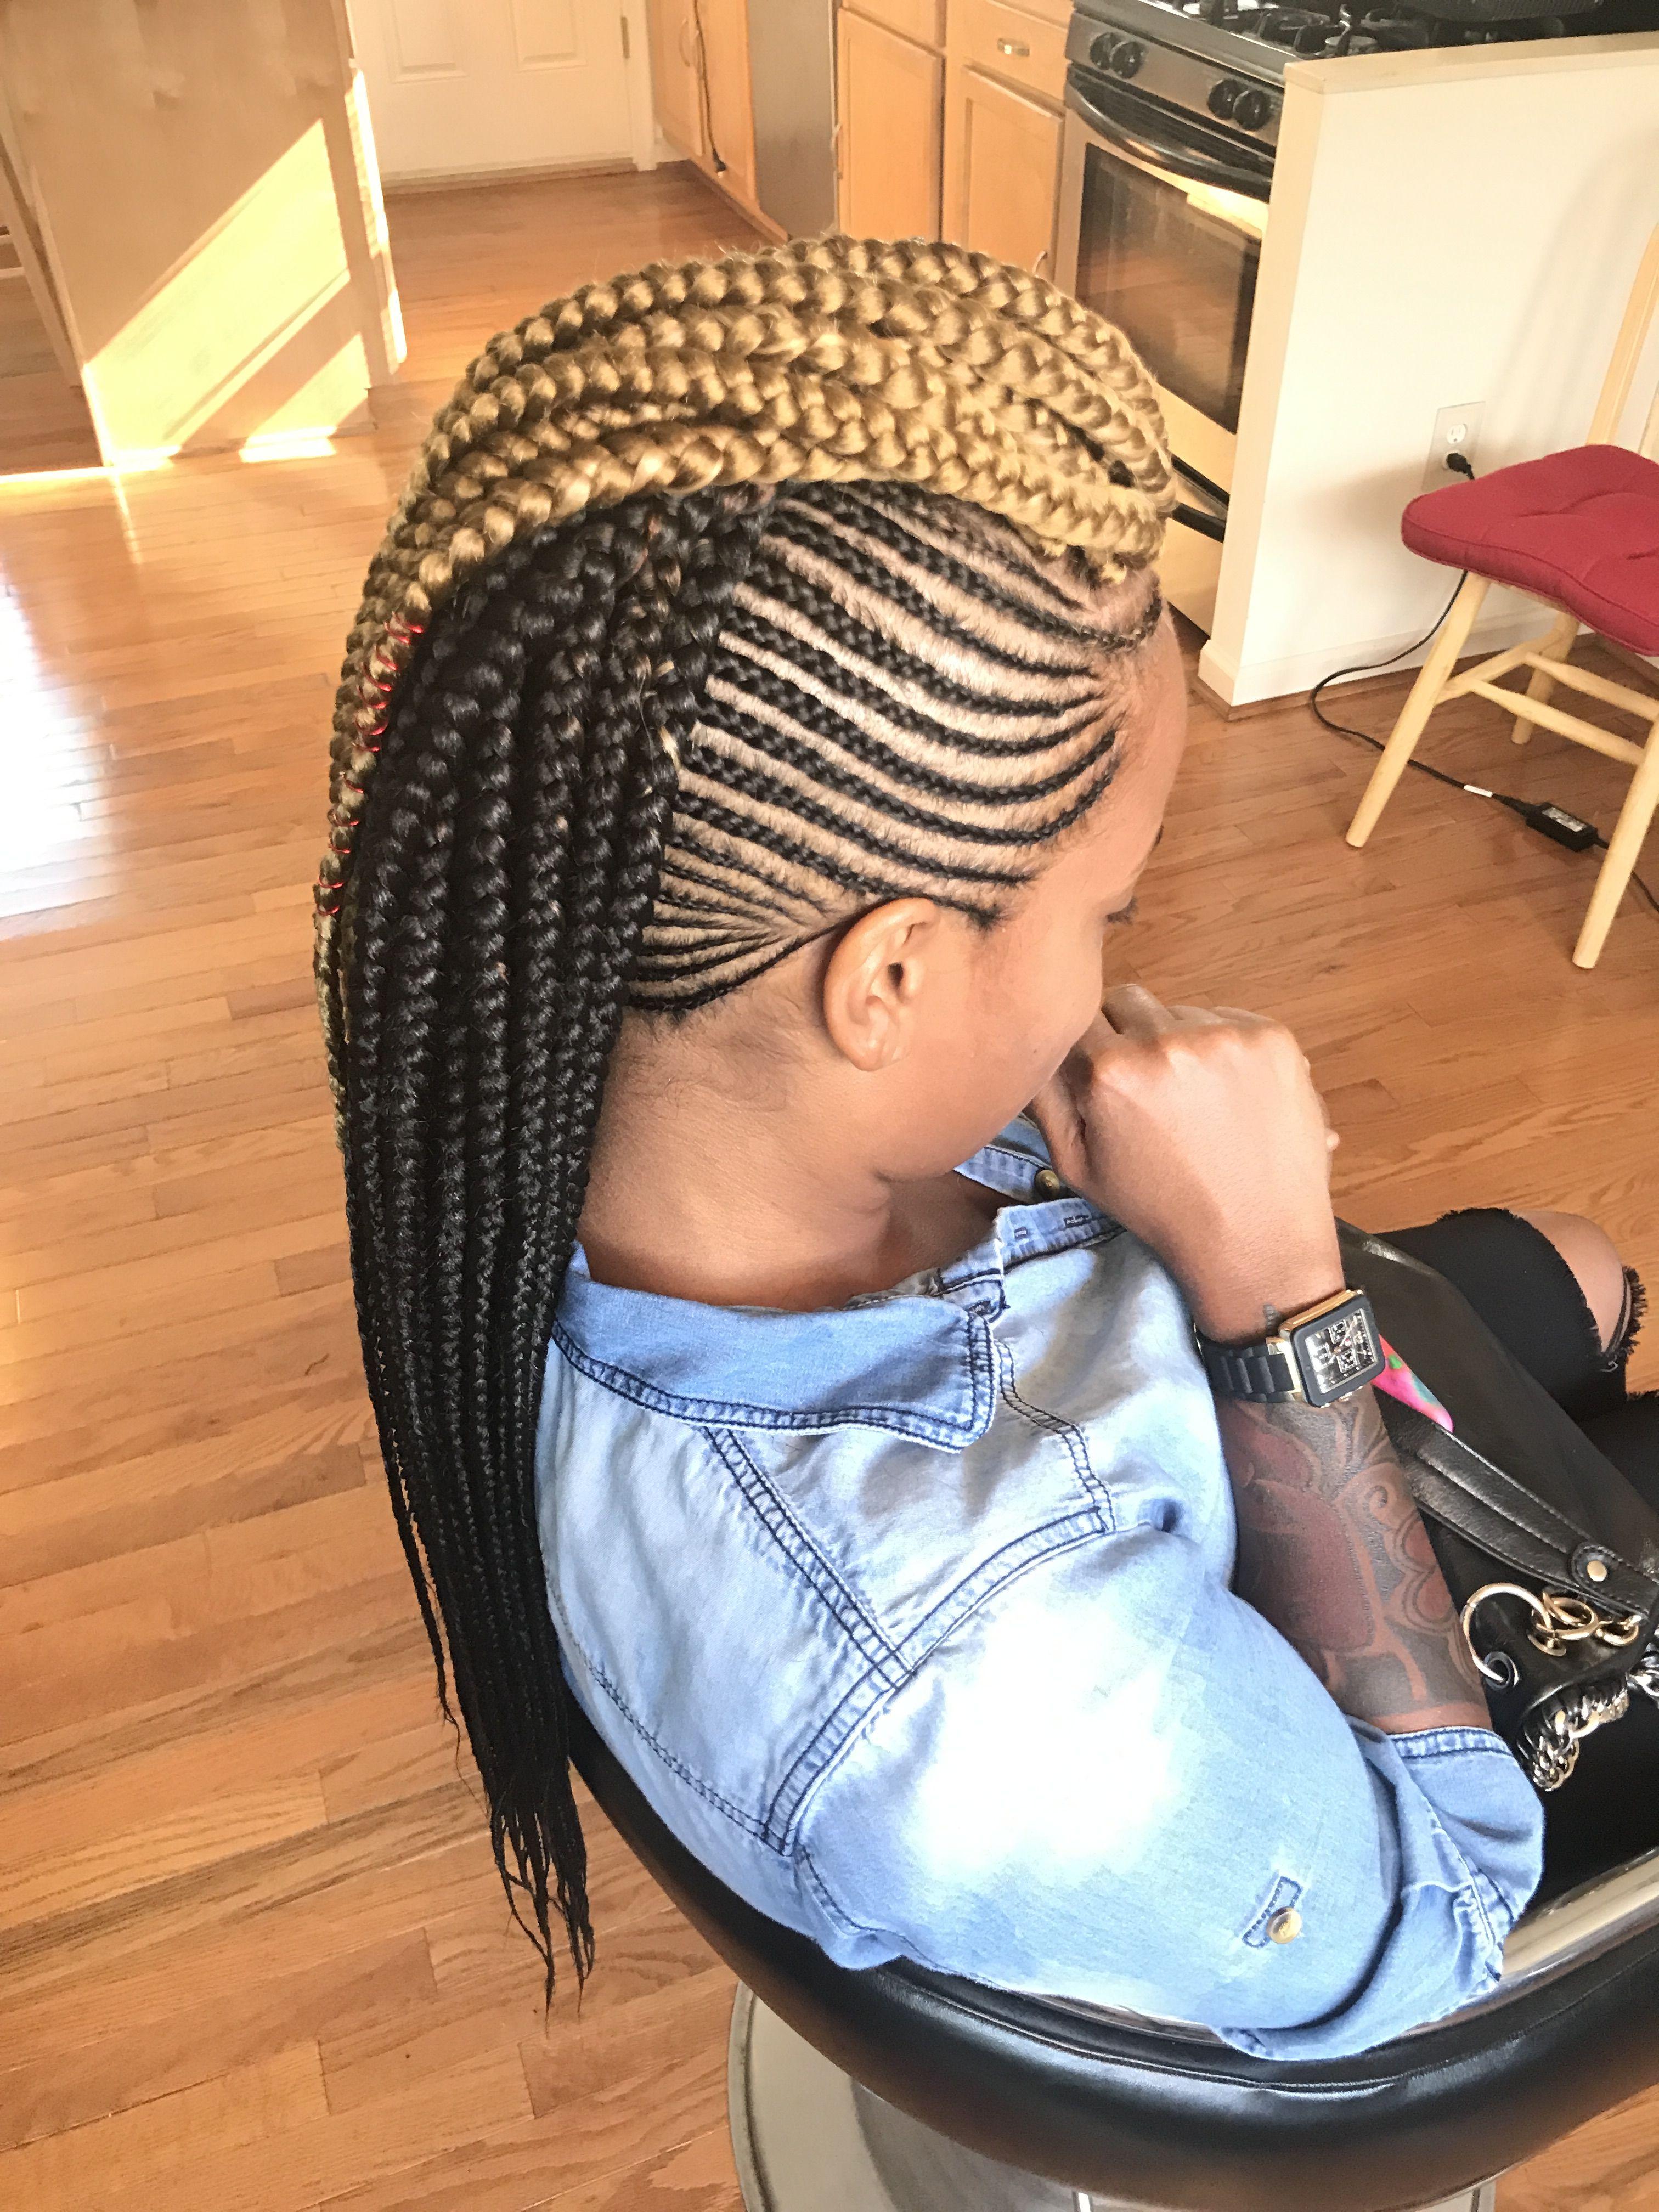 braid4days braids.4.days in 2019